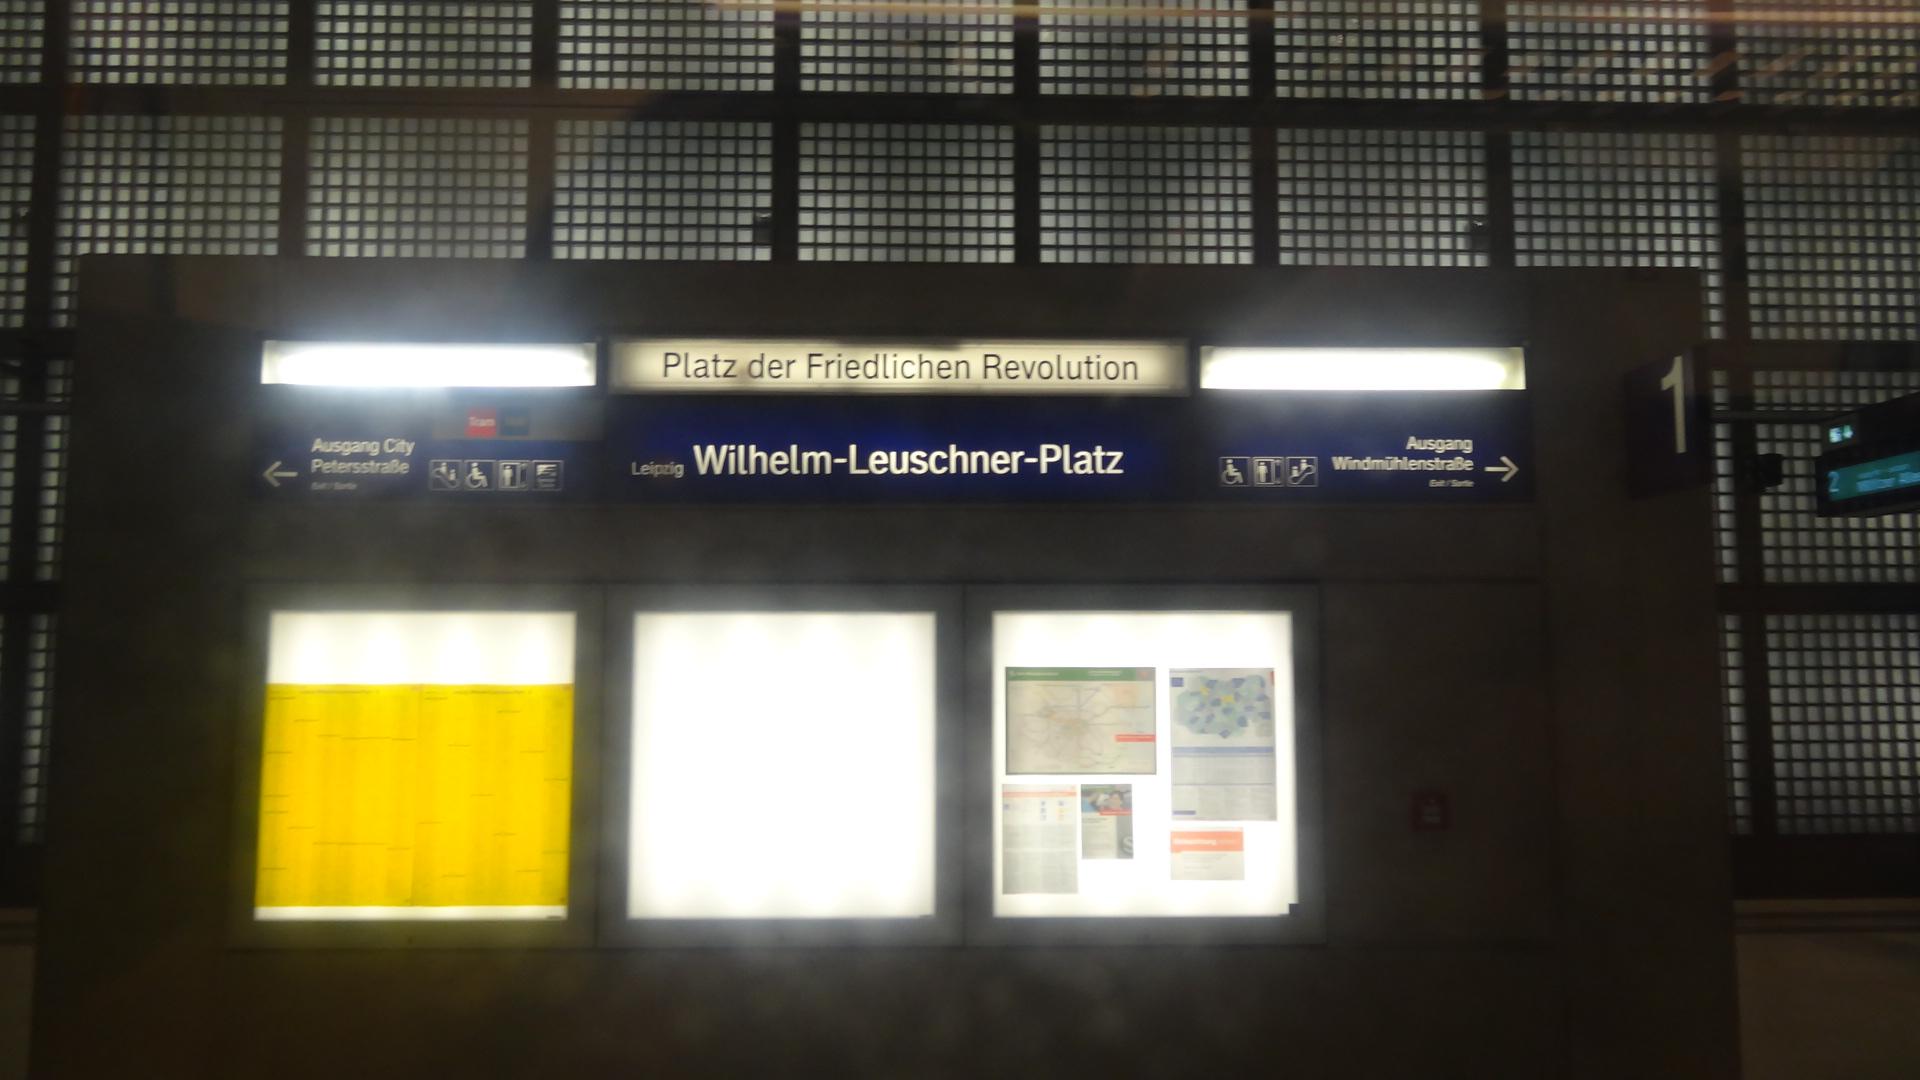 Wilhelm-Leuschner-Platz interior